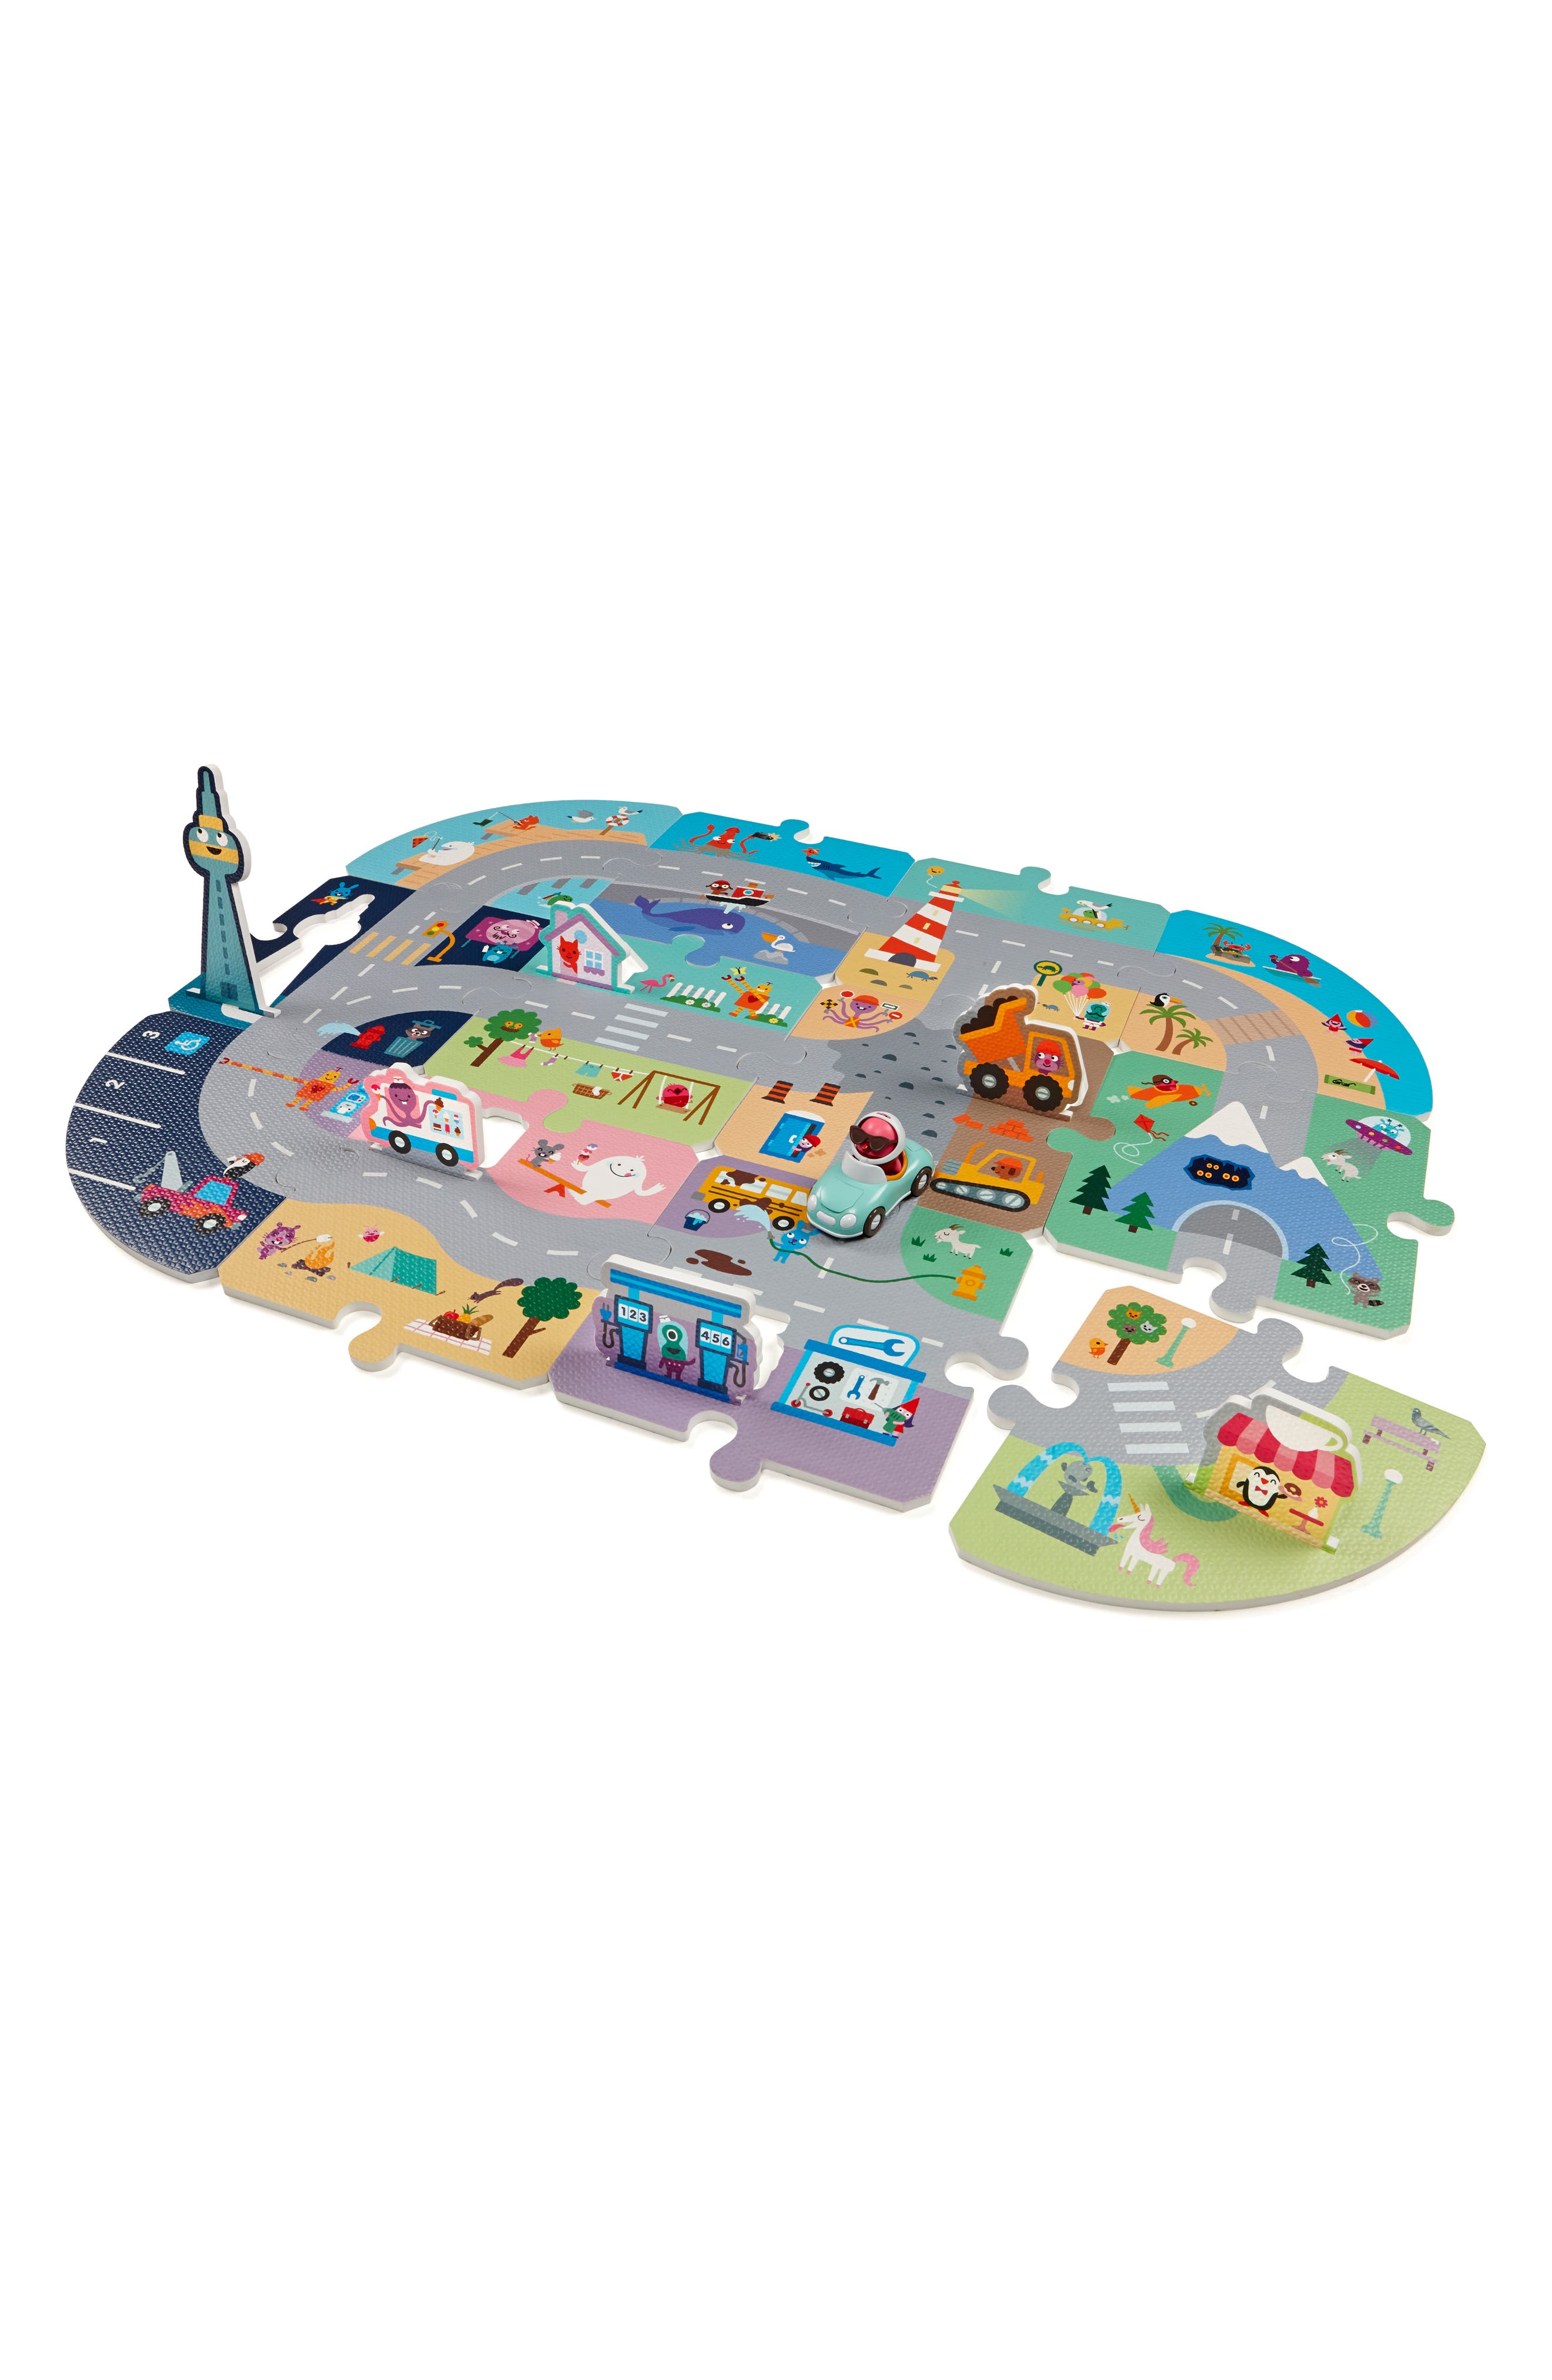 Sago Mini Robin's Road Trip Puzzle Mat